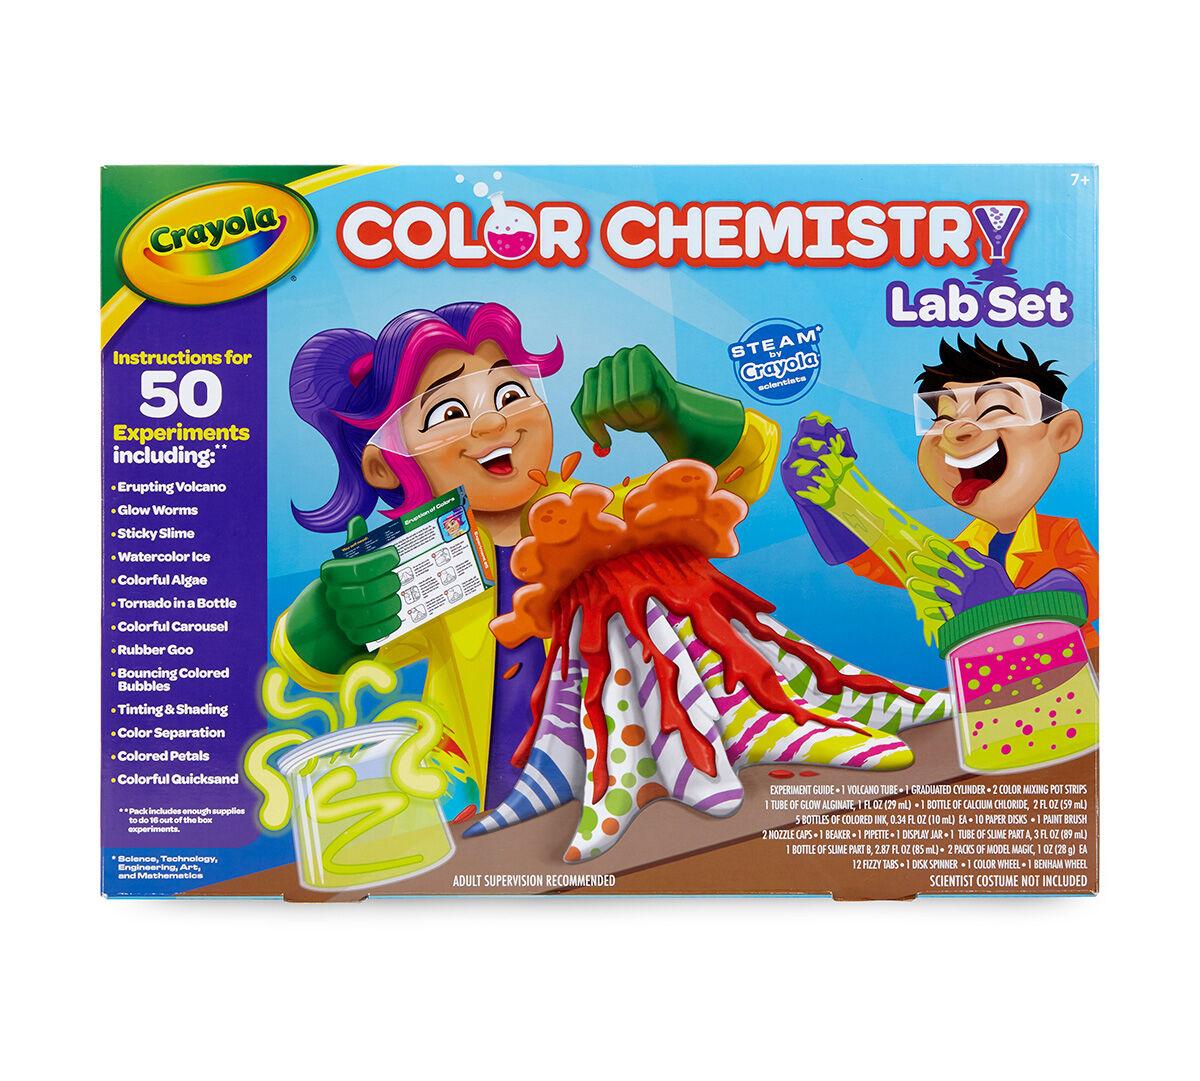 Crayola Color Chemistry Set Kids Over 50 Steam Stem